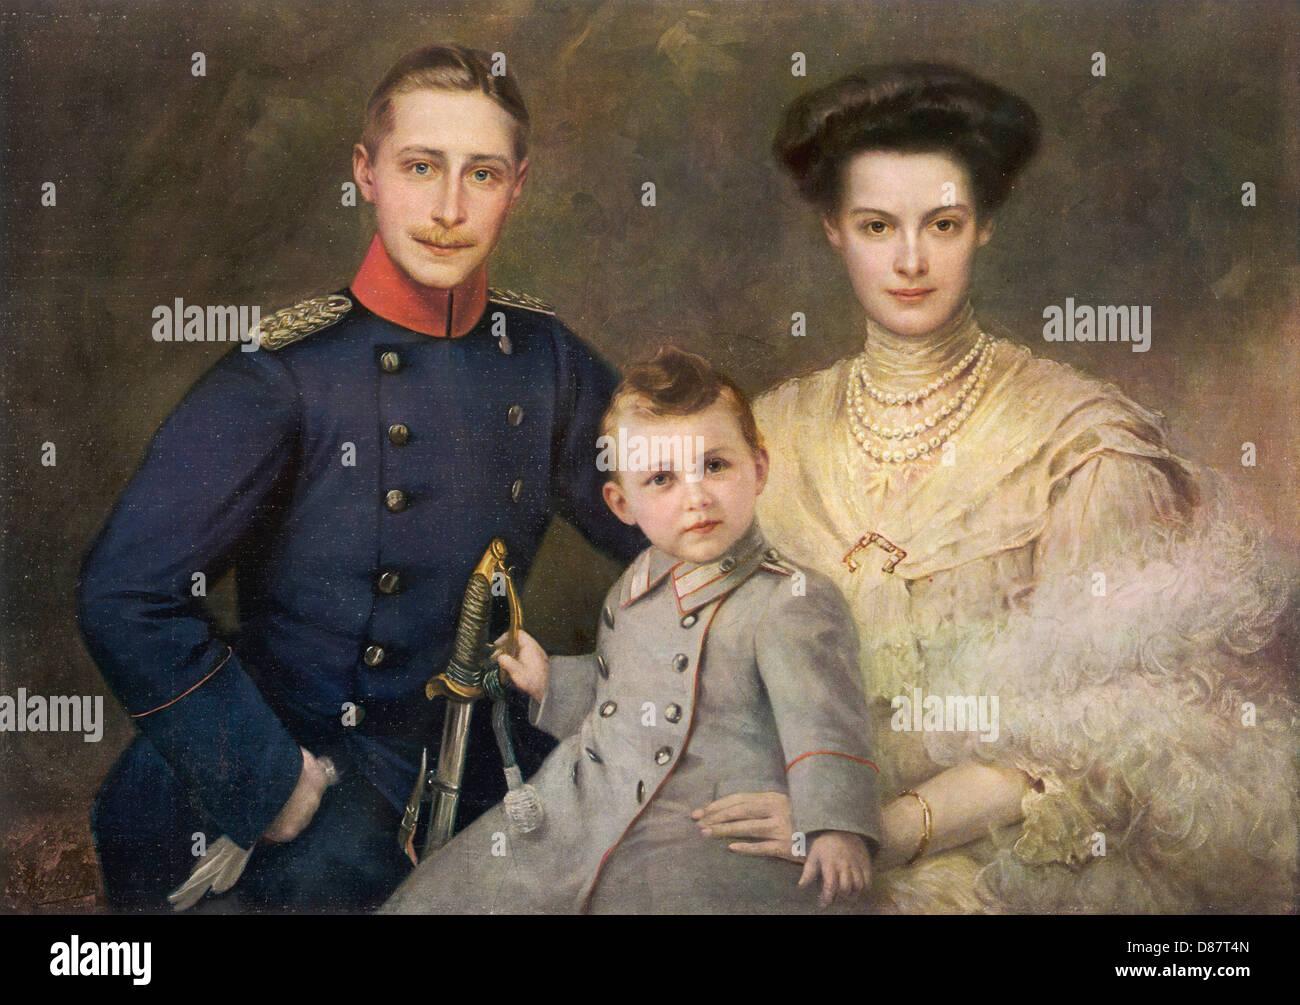 Kronprinz Wilhelm Liz 09 - Stock Image